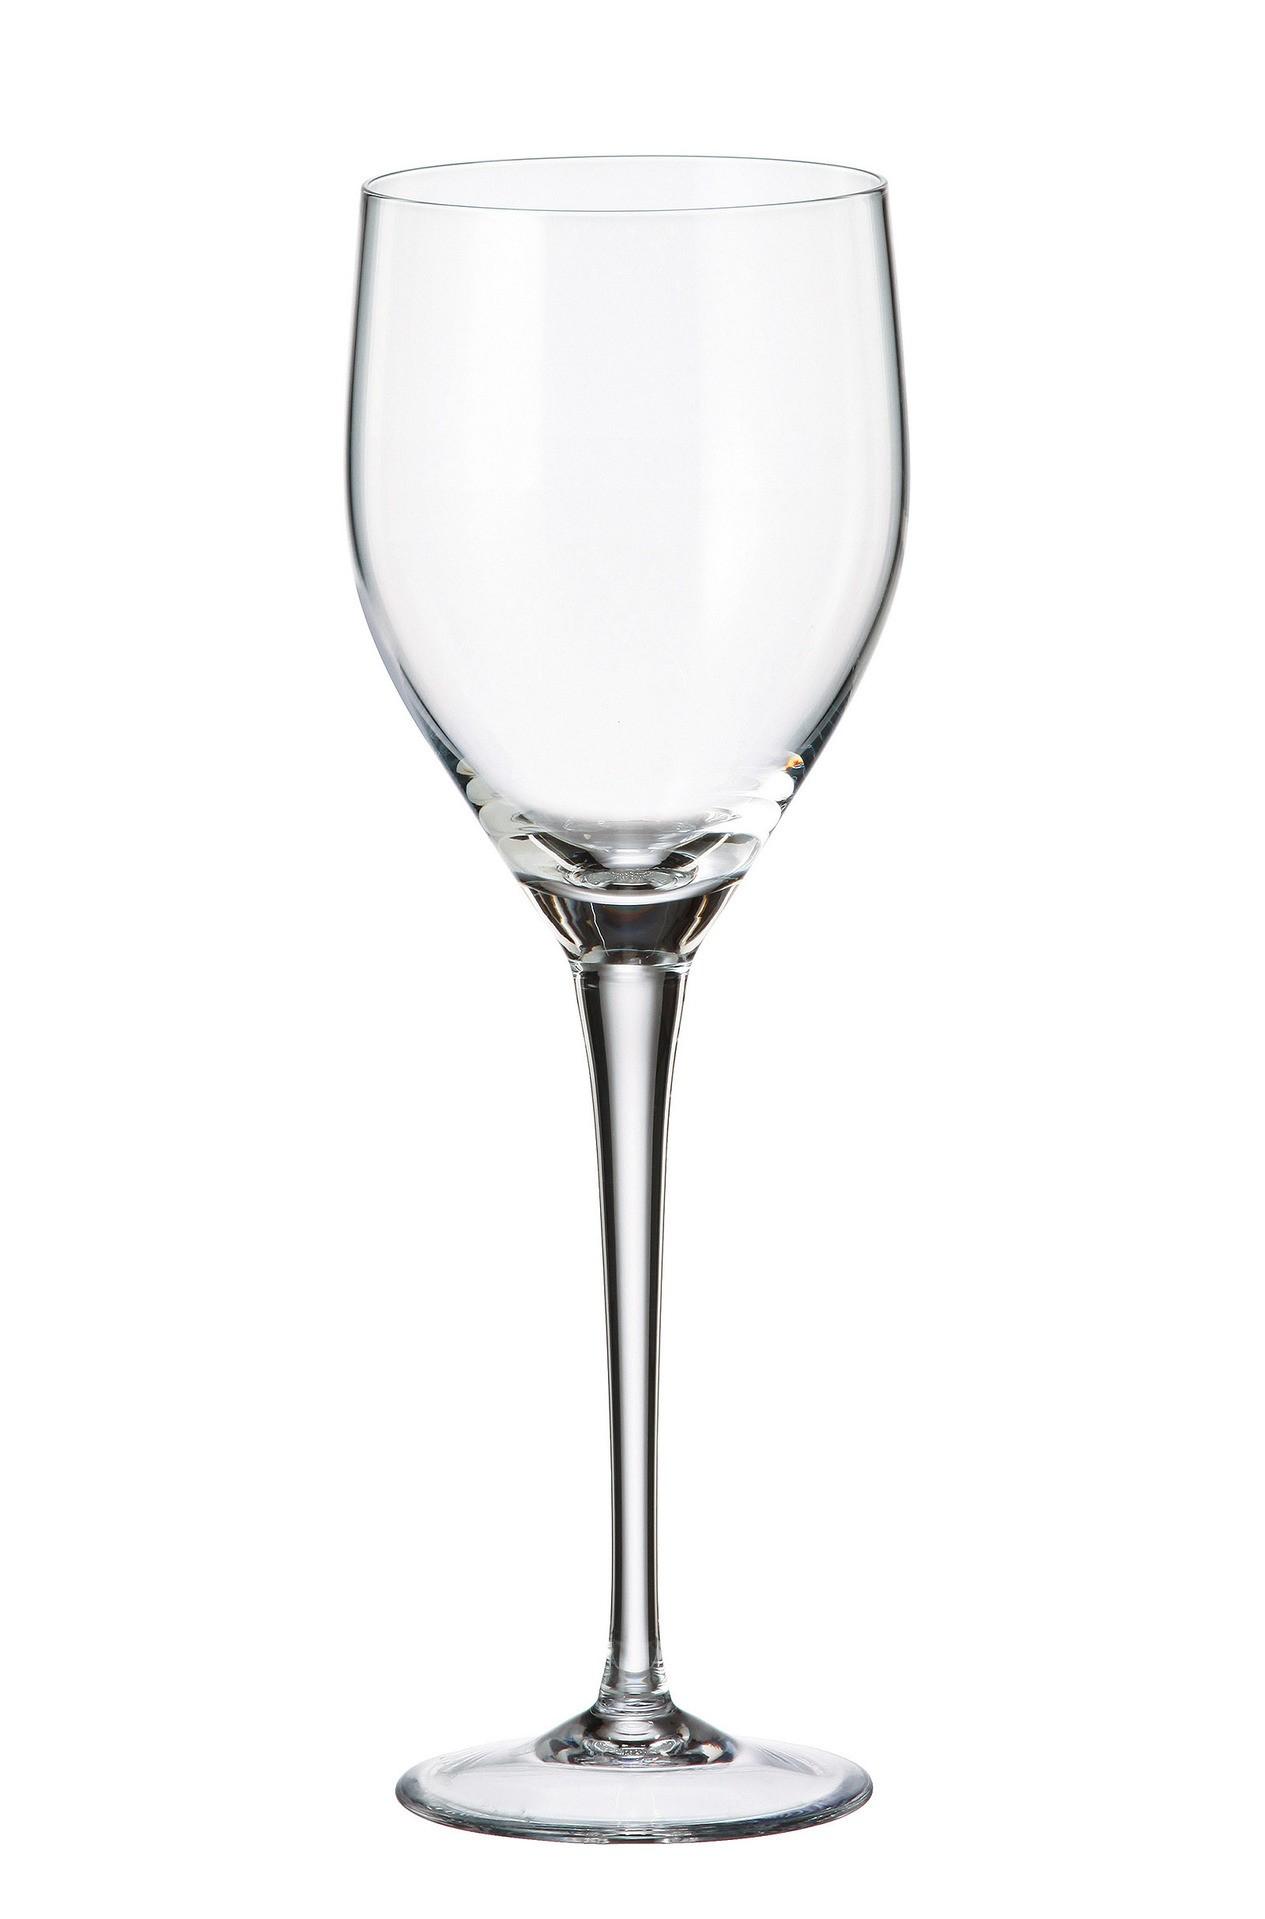 Ποτήρι Για Λευκό Κρασί Sitta Σετ 6Τμχ Κρυστάλλινο 360ml Bohemia home   ειδη σερβιρισματος   ποτήρια